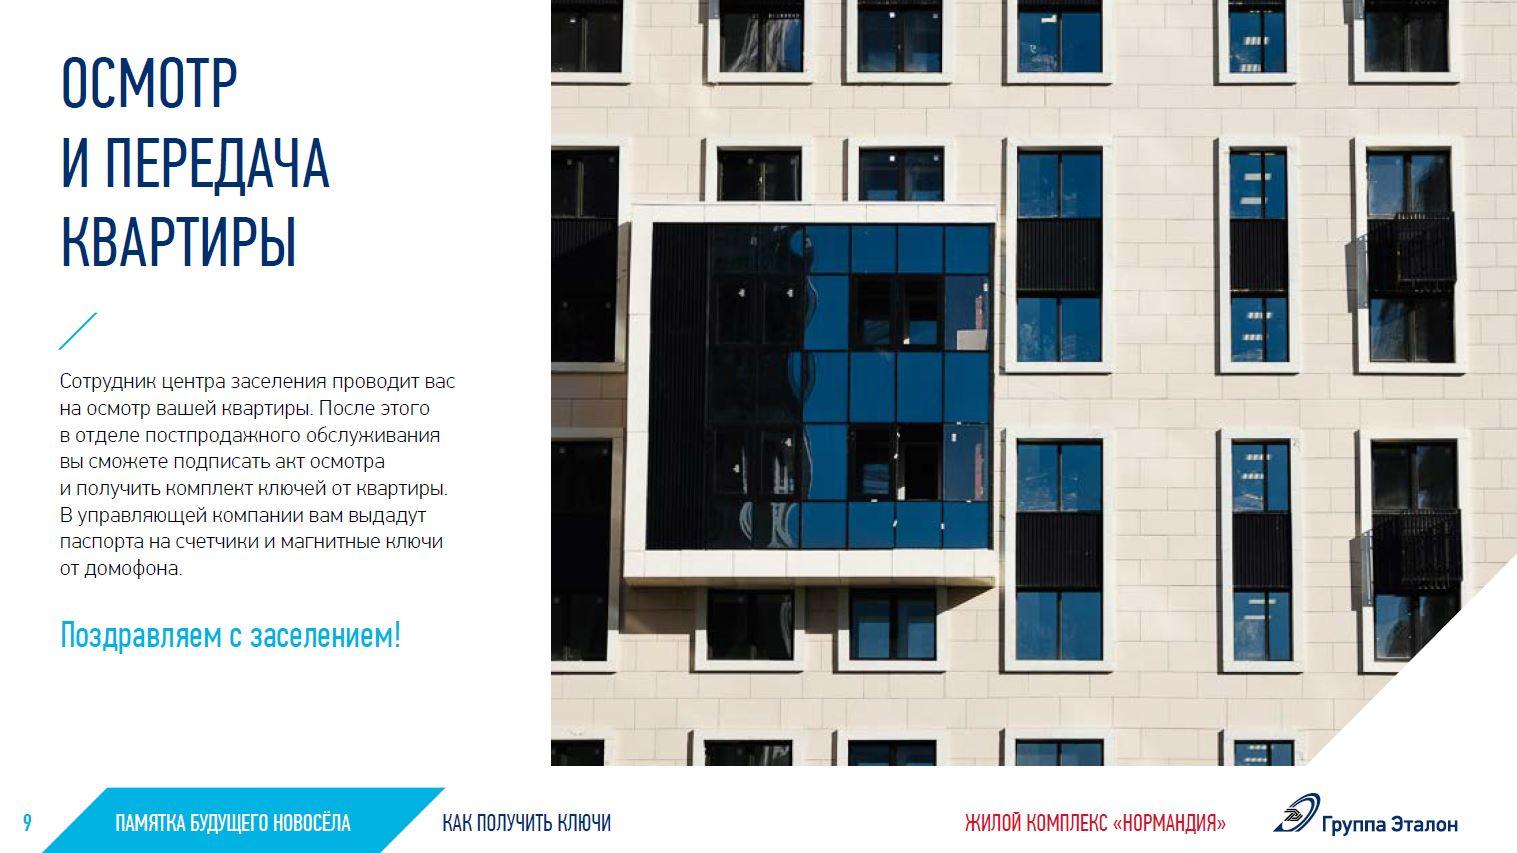 """Процедура получения ключей в ЖК """"Нормандия"""", осмотр и приёмка квартиры, окончательные взаиморасчёты QpknVVPUQfE"""